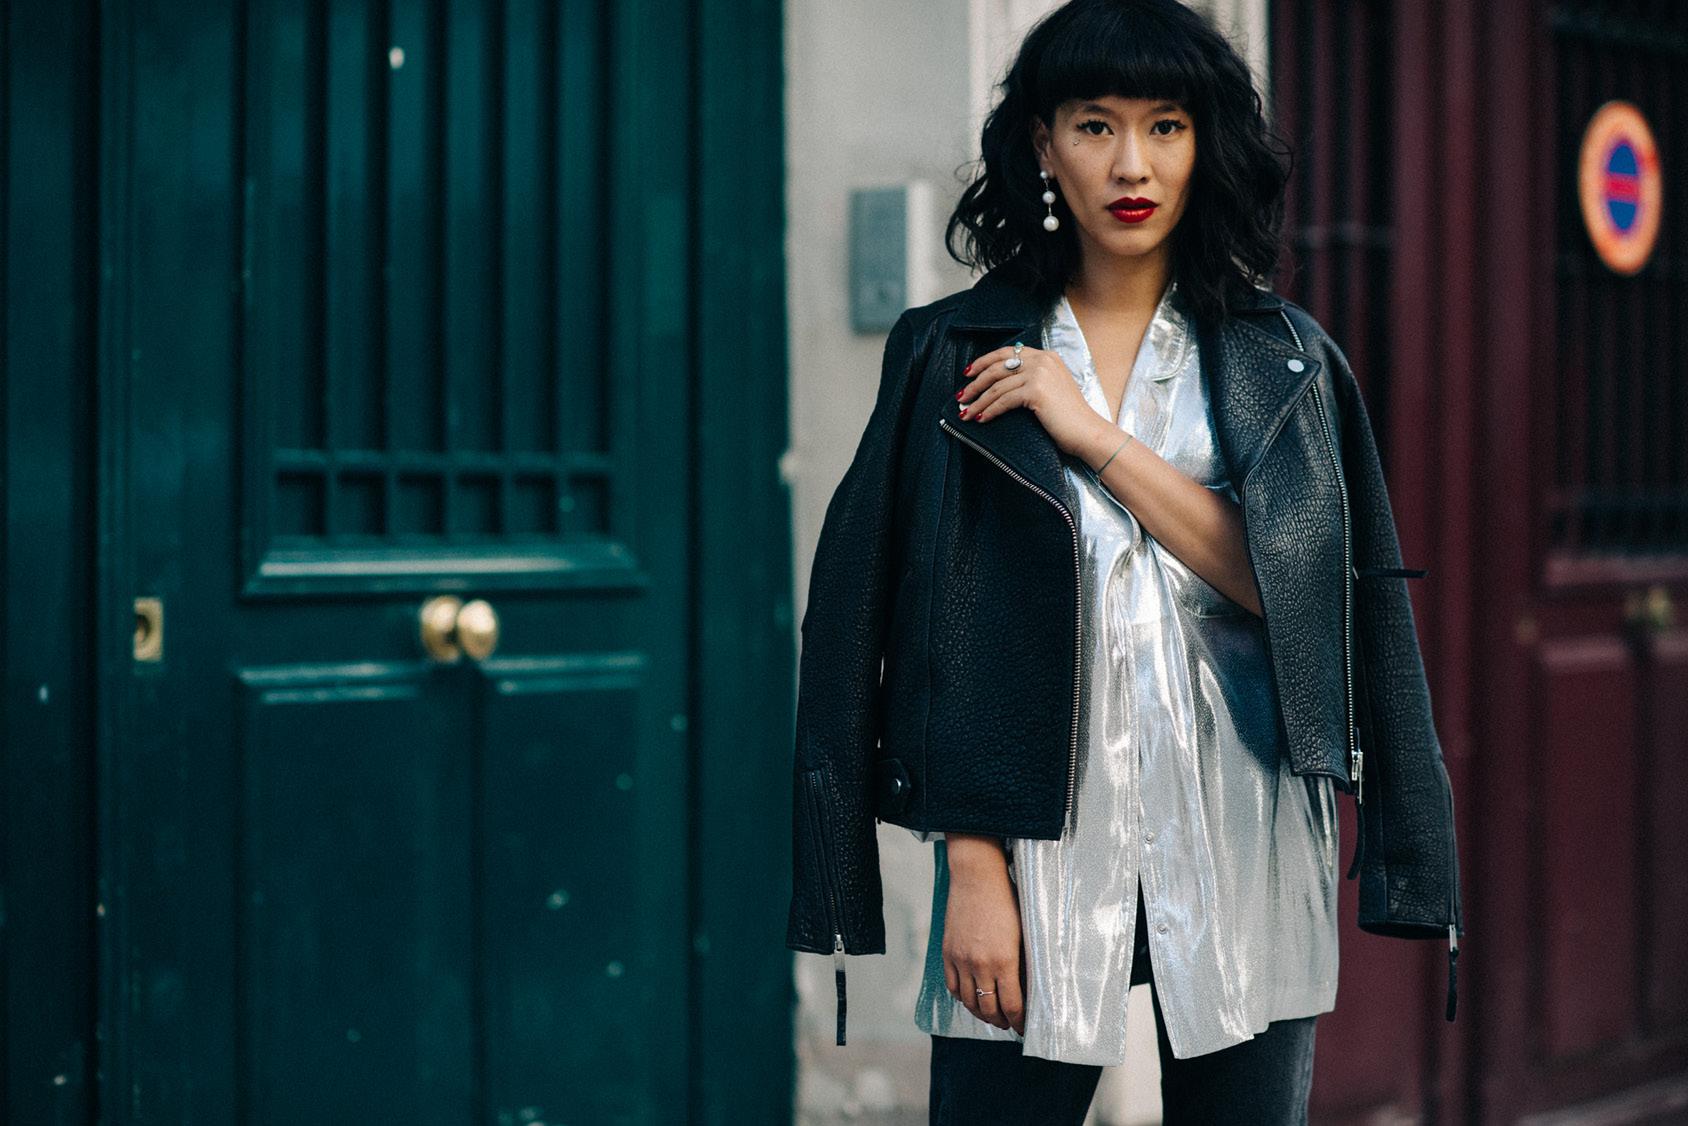 Leeloo wearing H&M silver shirt